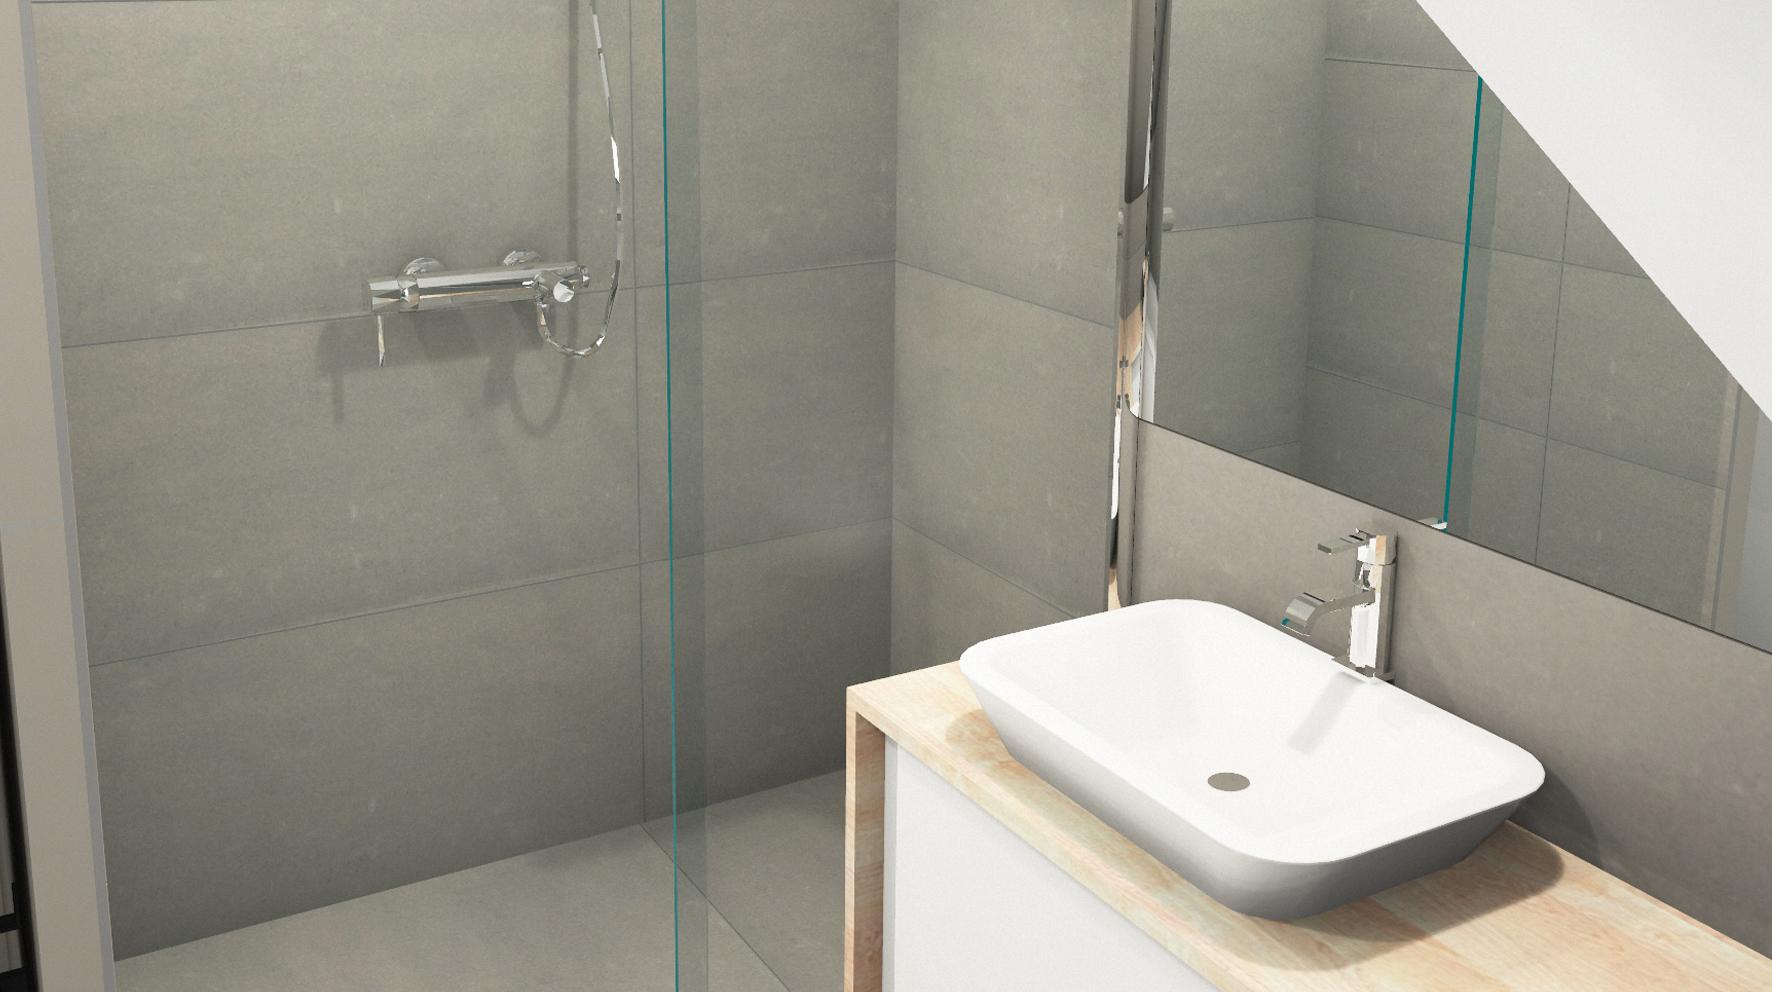 Bains sous combles boddaert interieur architecte interieur lille nord - Configuration salle de bain ...